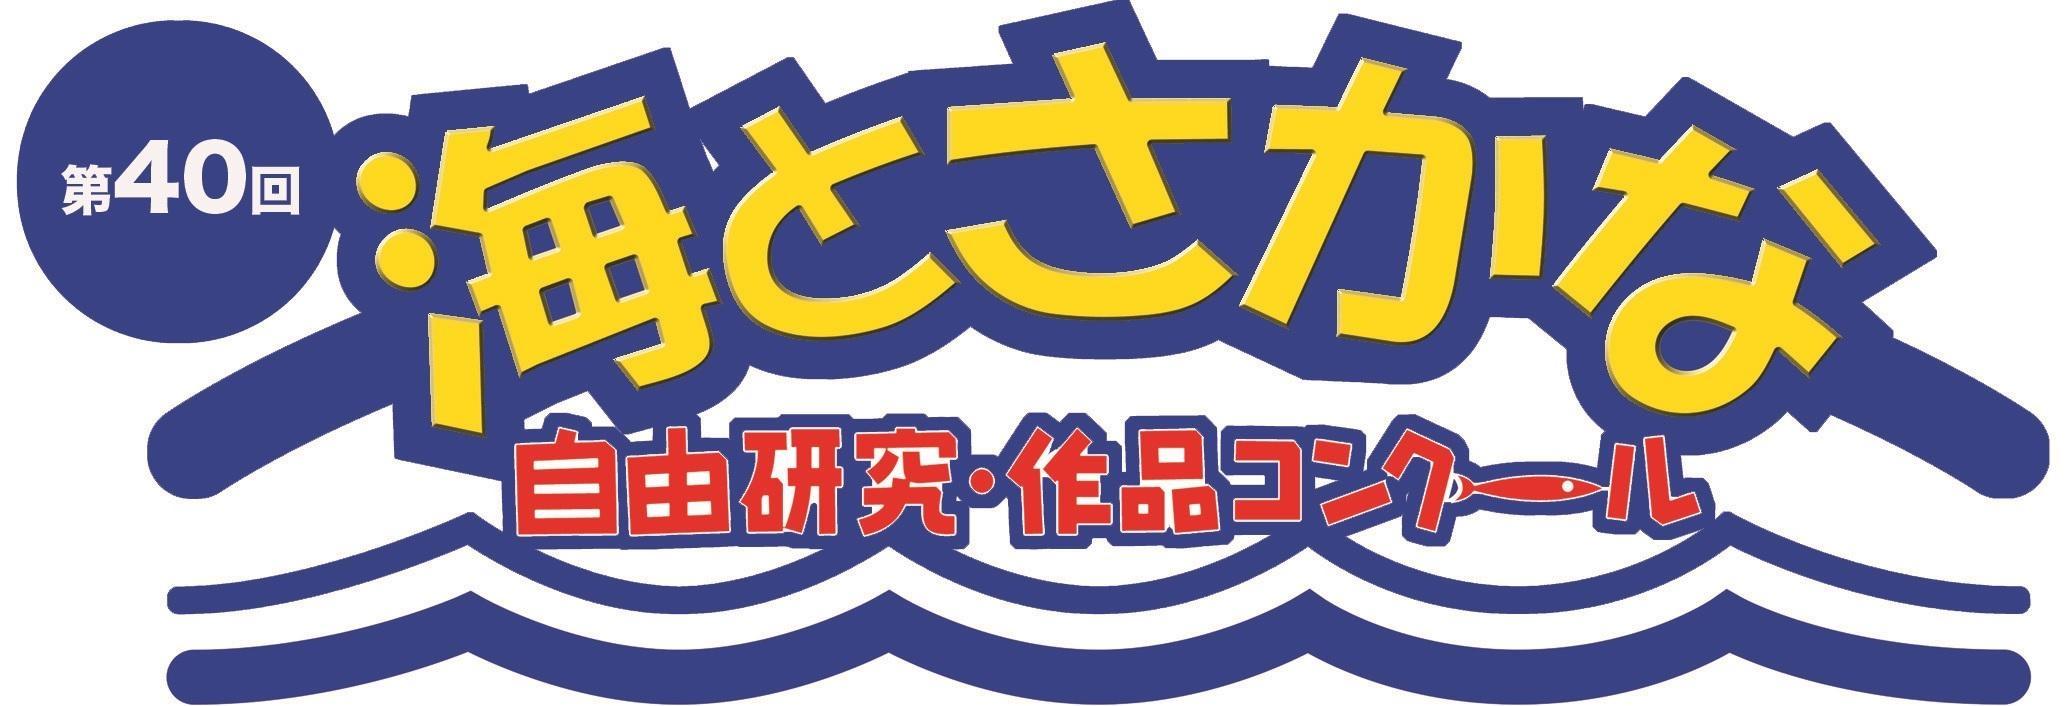 福島の海の深海生物や潮目を見にいこう 「アクアマリンふくしま」オンラインツアー